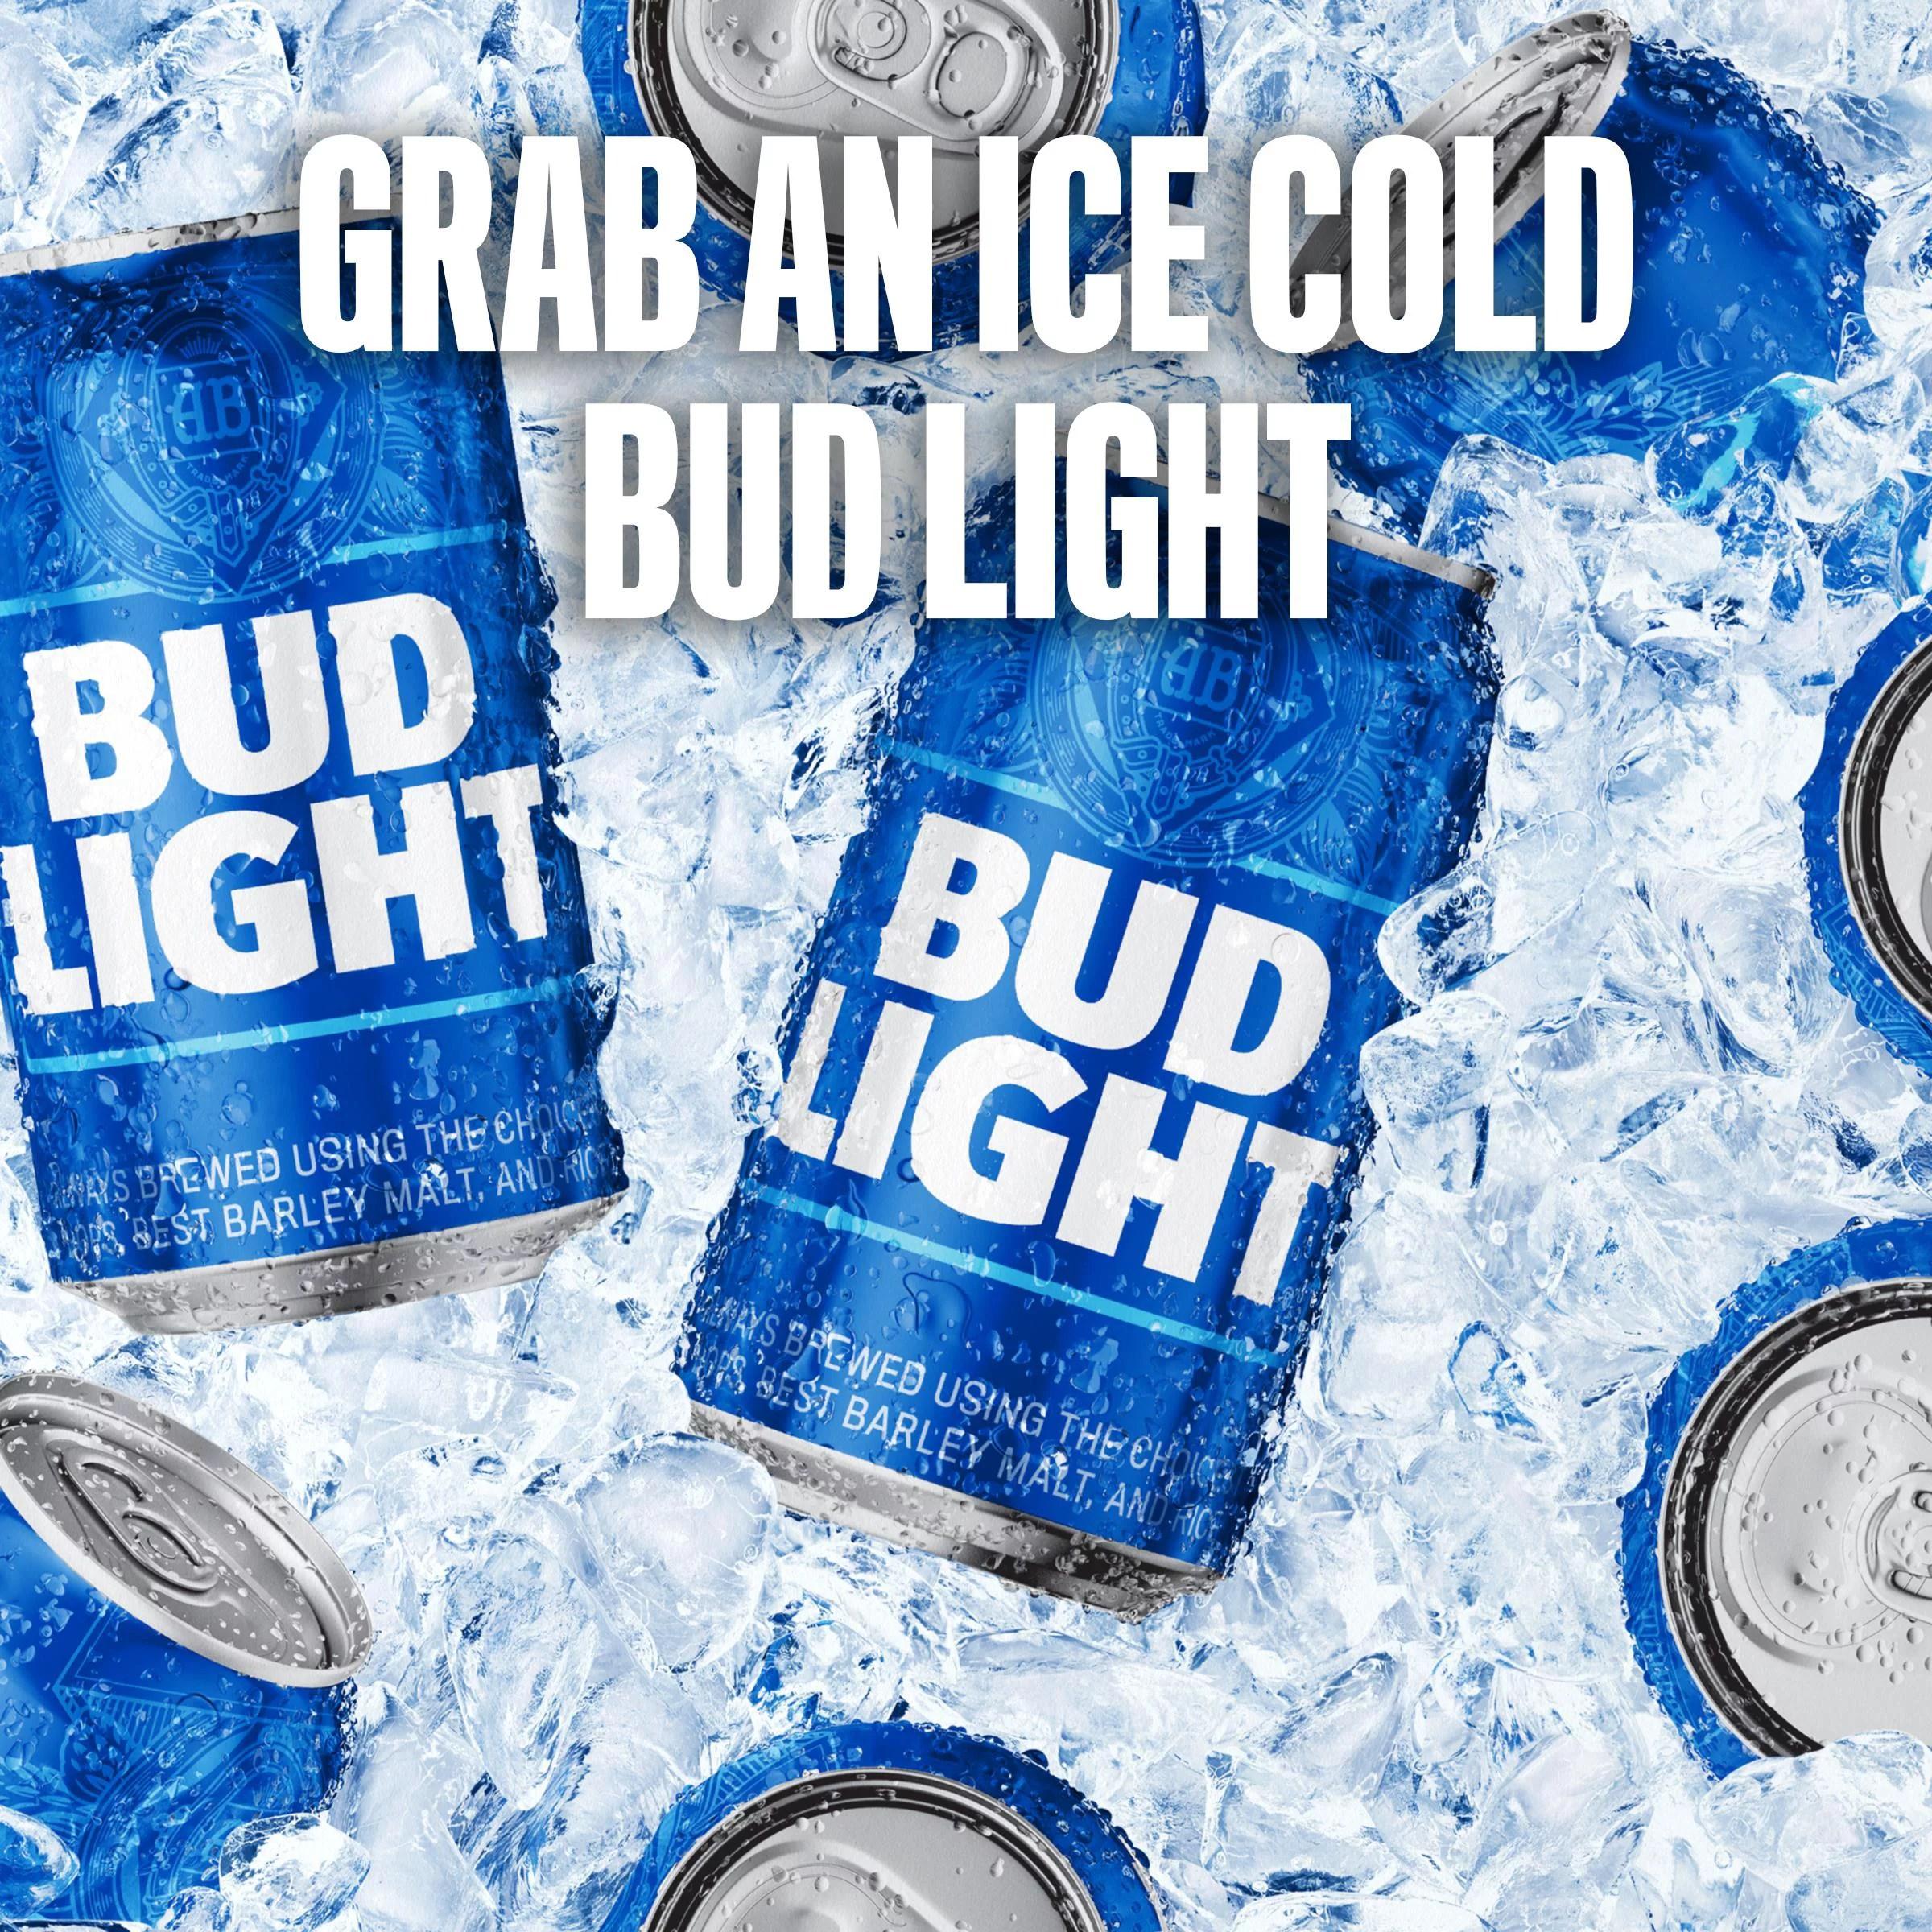 bud light beer 30 pack beer 12 fl oz cans